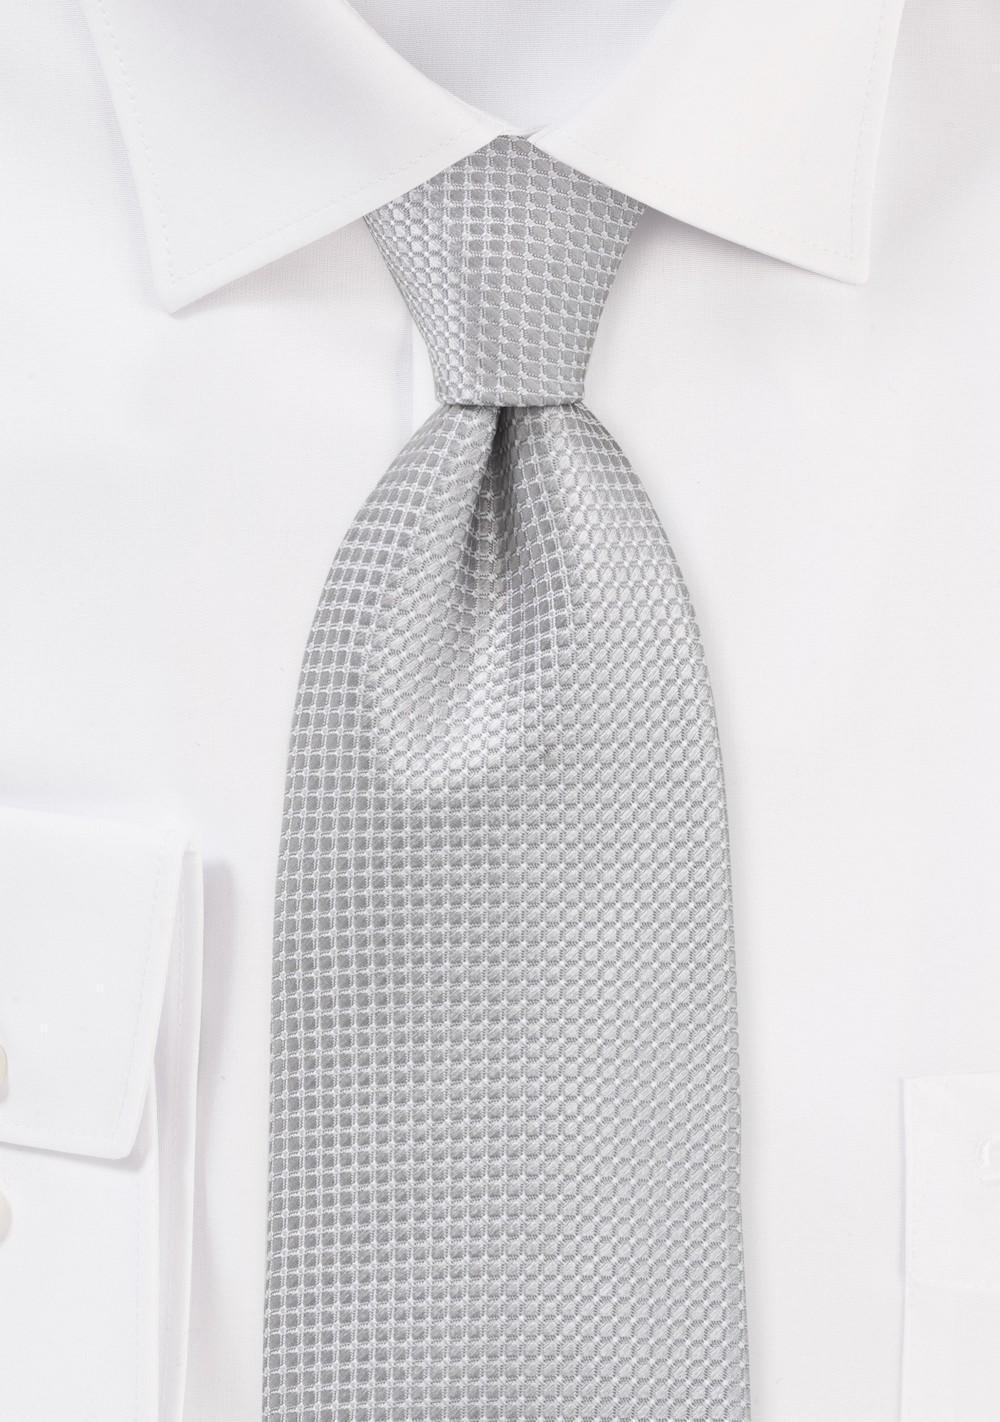 Textured Light Silver Tie